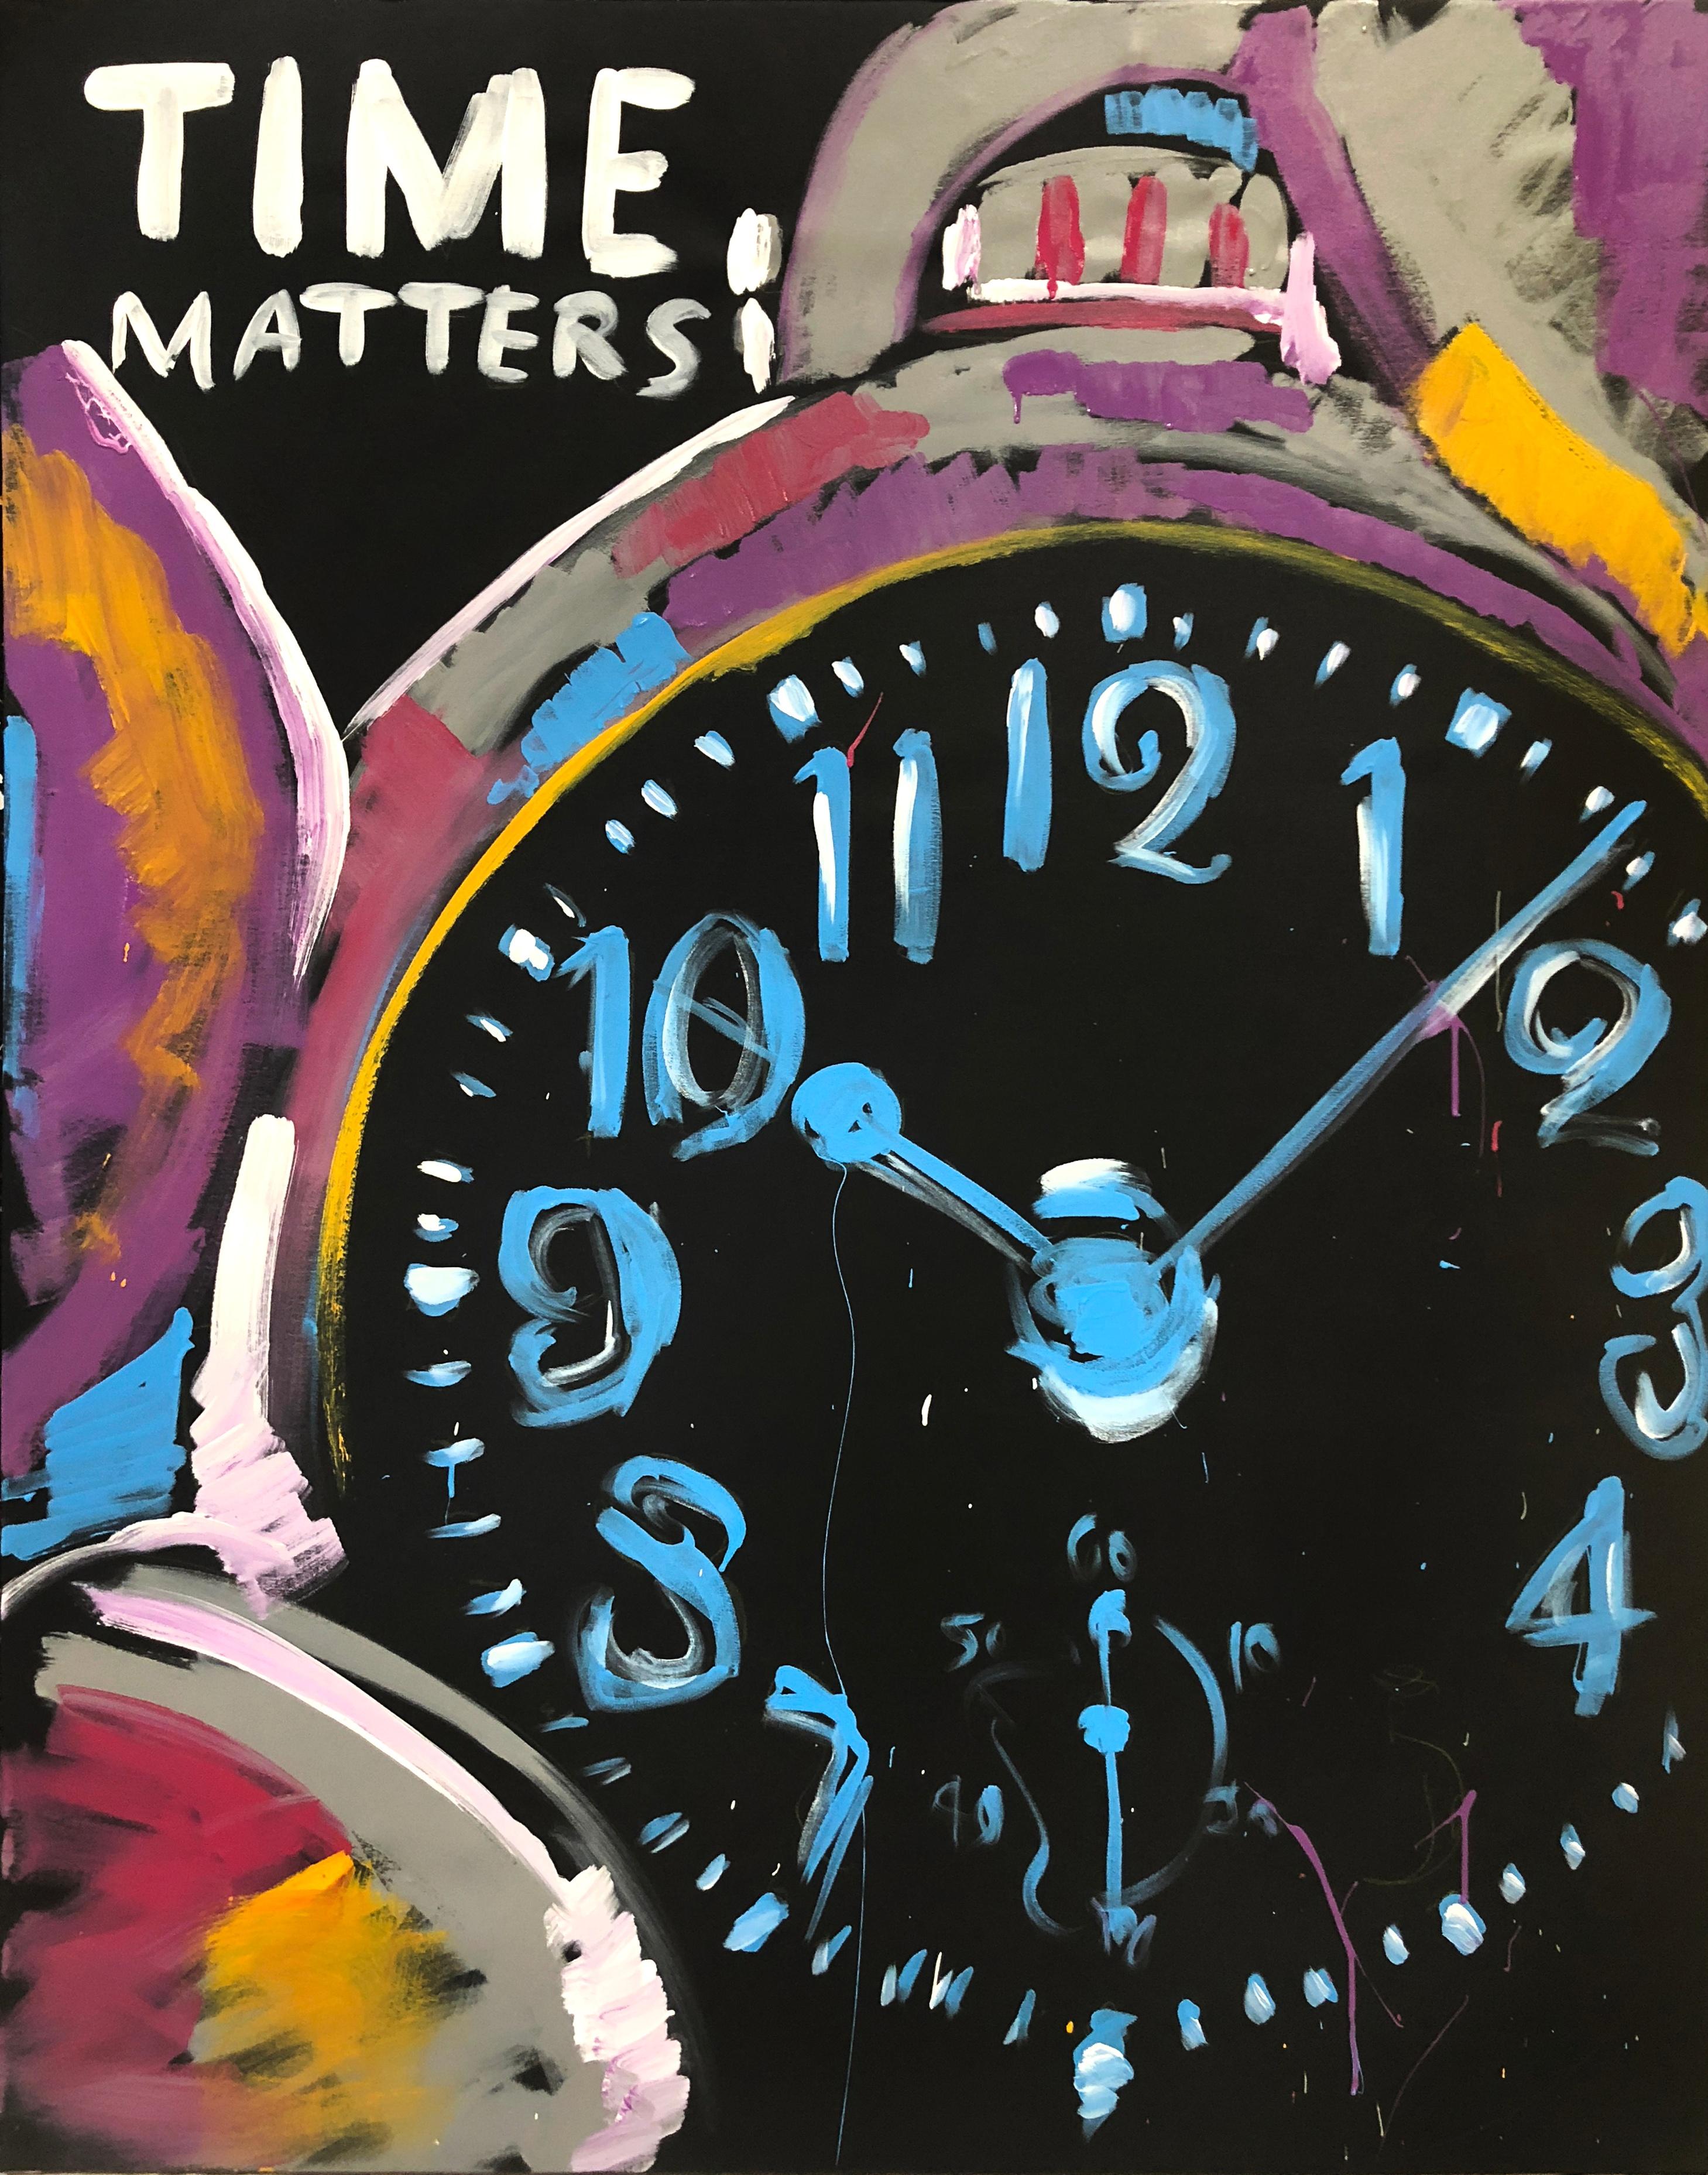 ArtBeatLive_TimeMatters